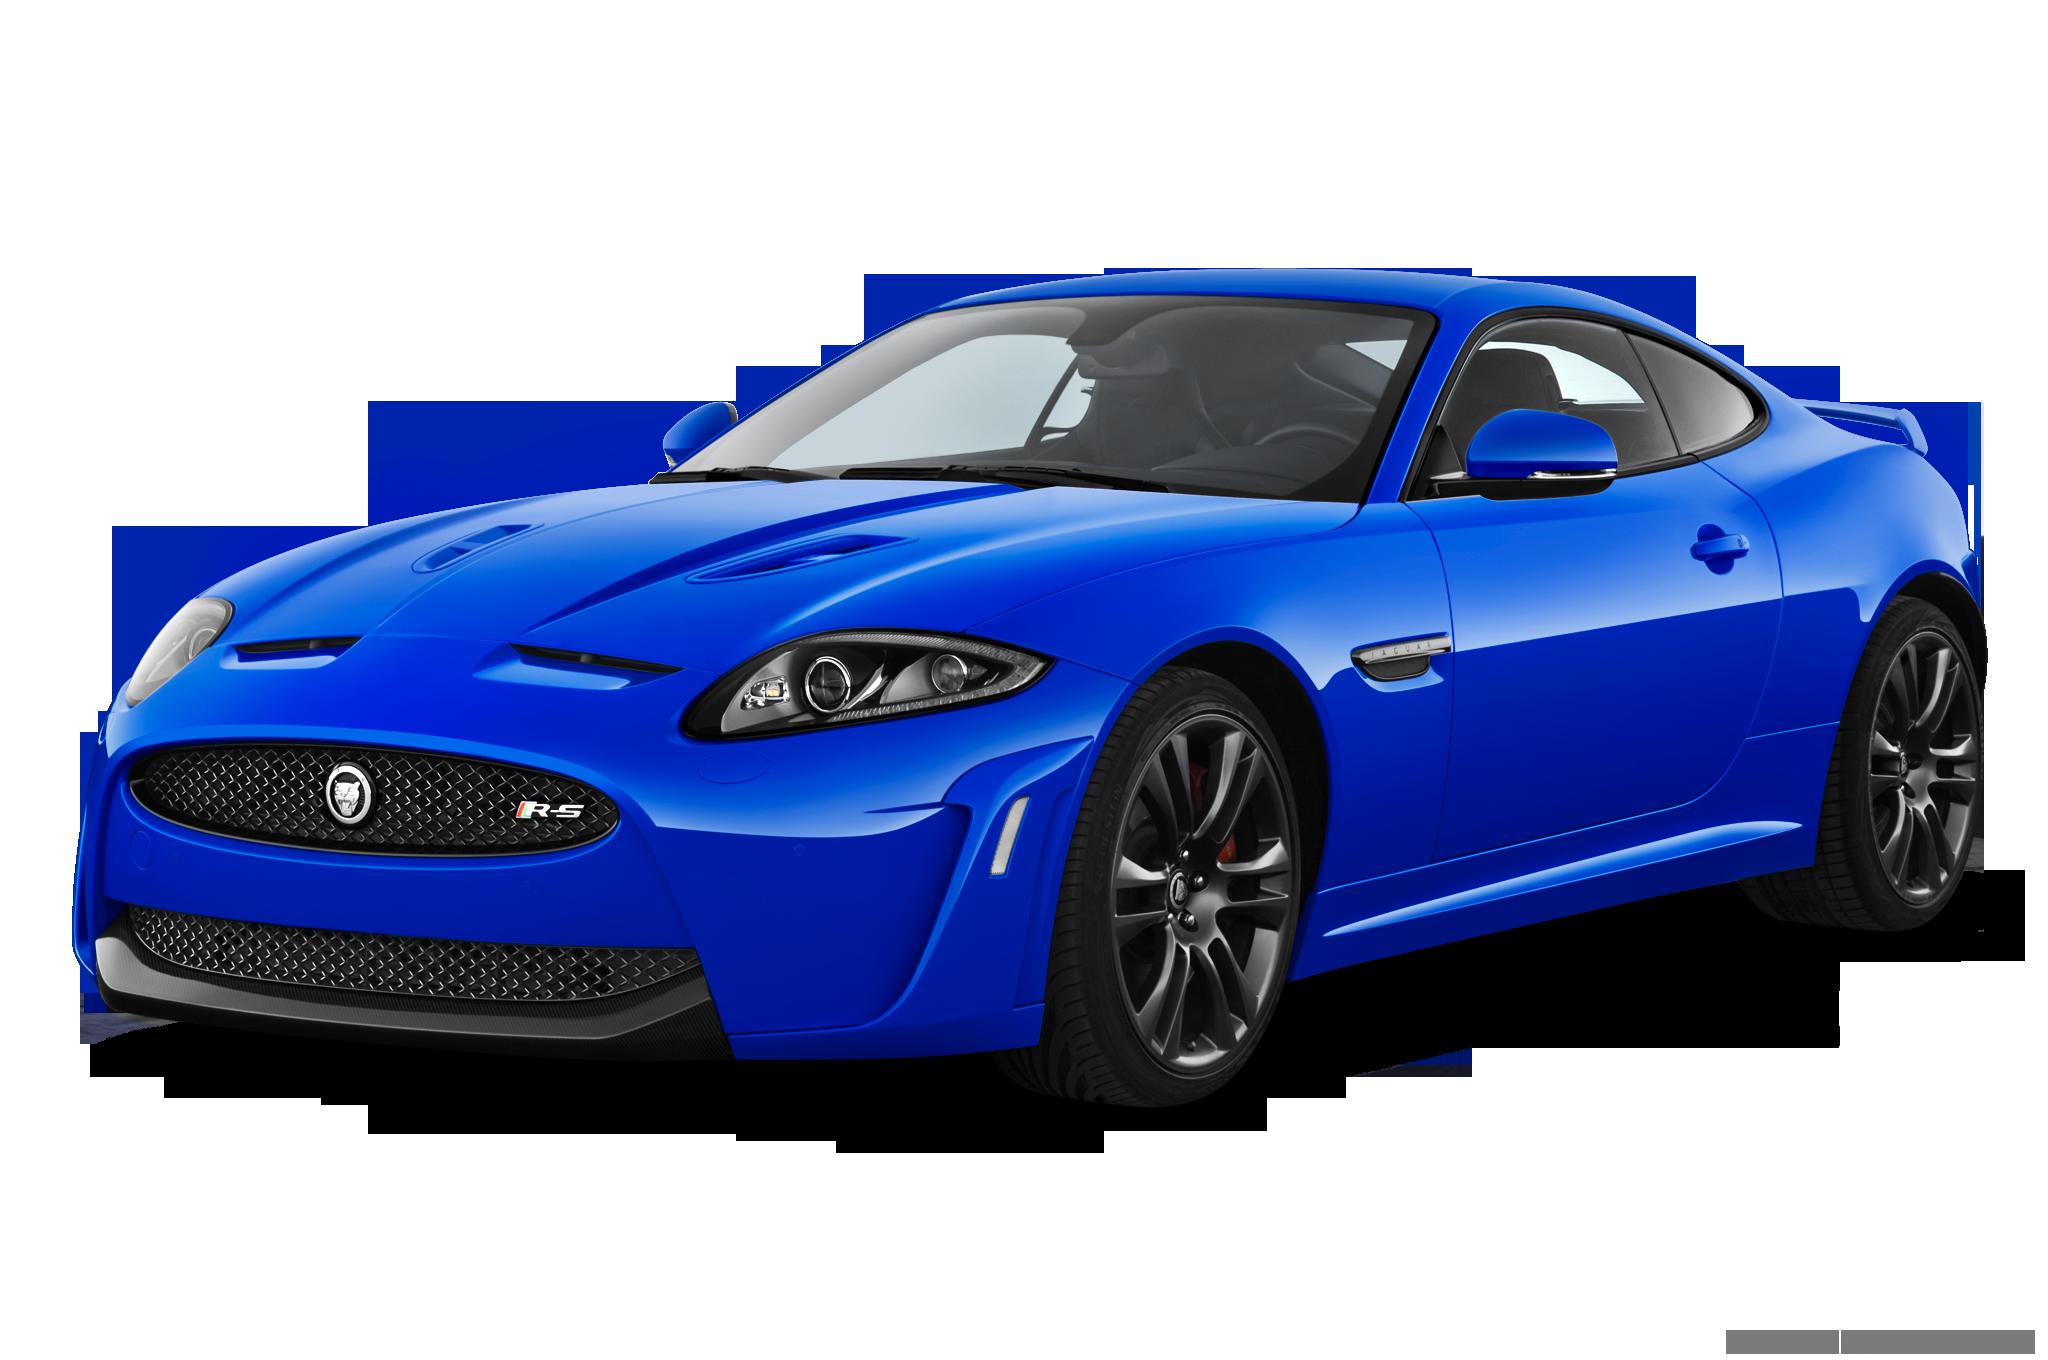 Jaguar Cars | Research New Jaguar Car Models, 2017 2016 Jaguar New .